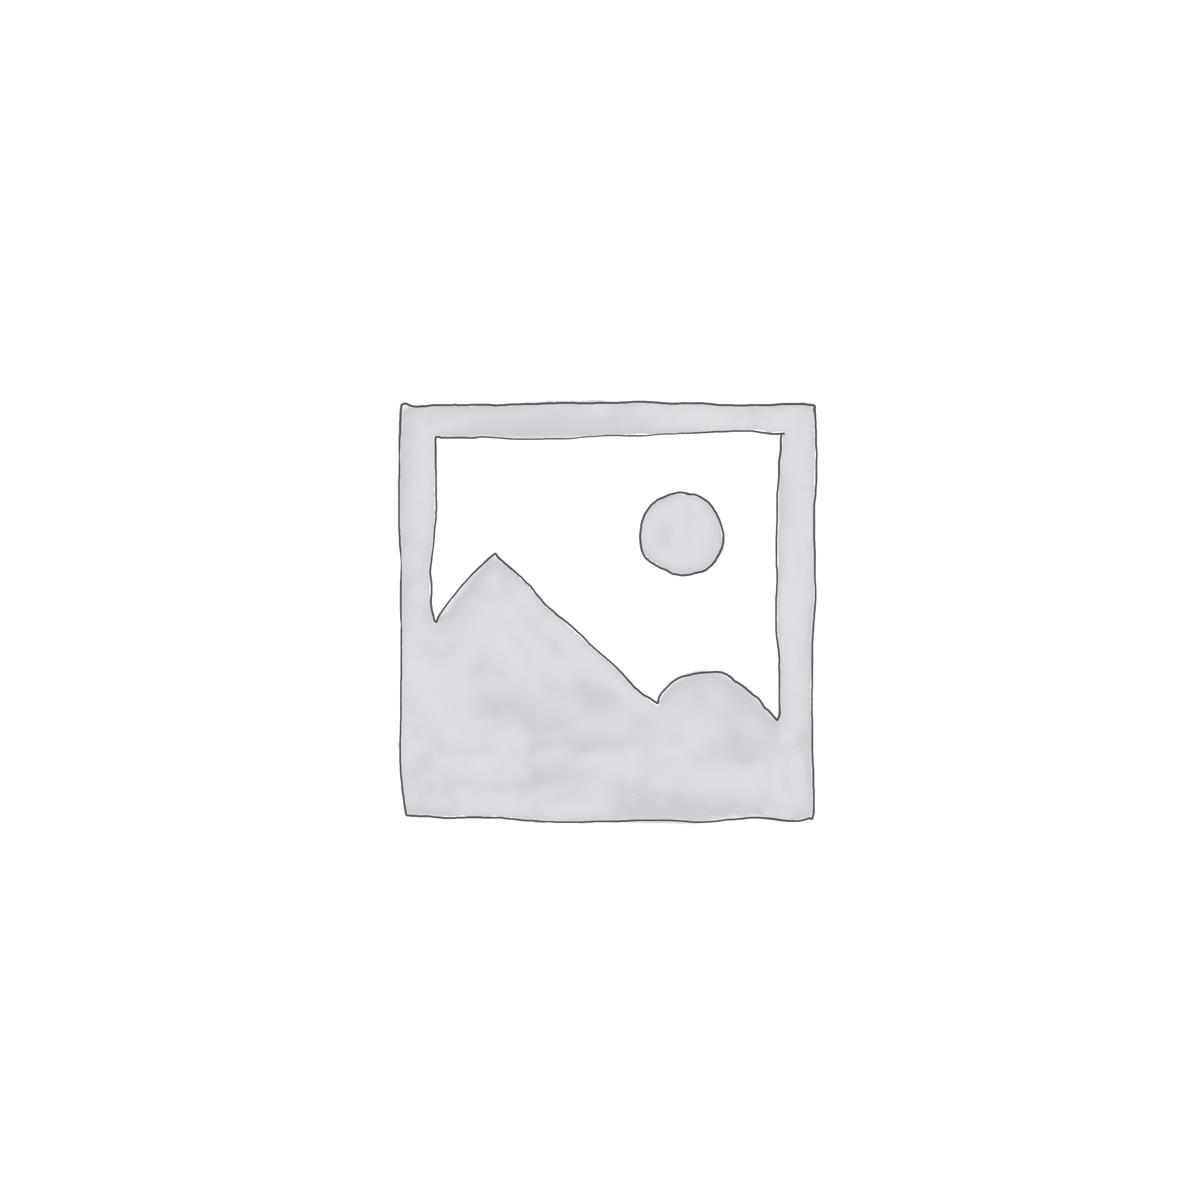 Tropical Rainforest Drawing Art Wallpaper Mural